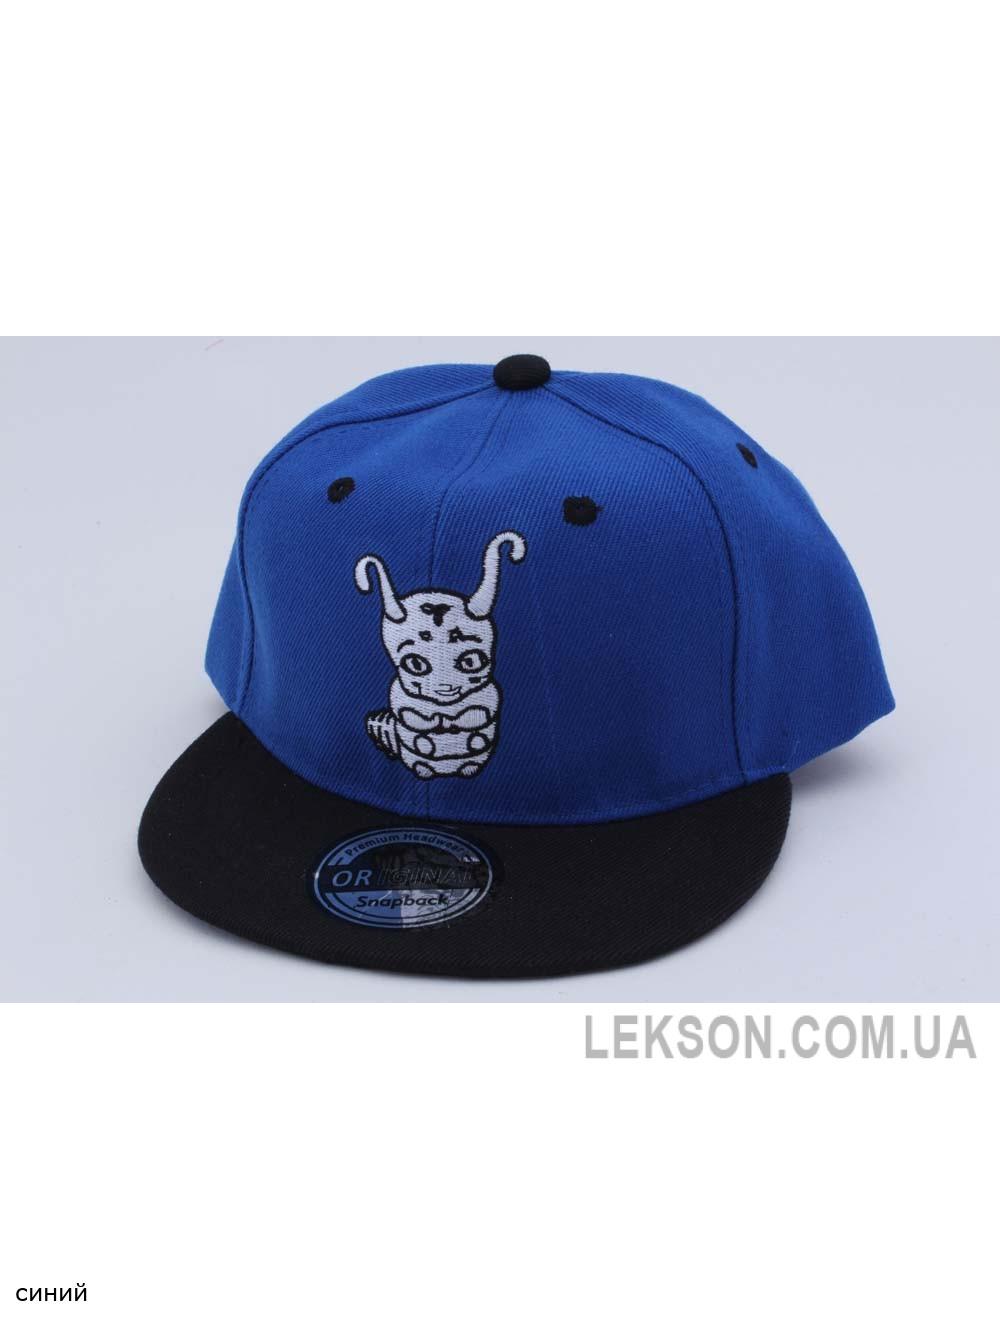 Rap - sp35336-52-54